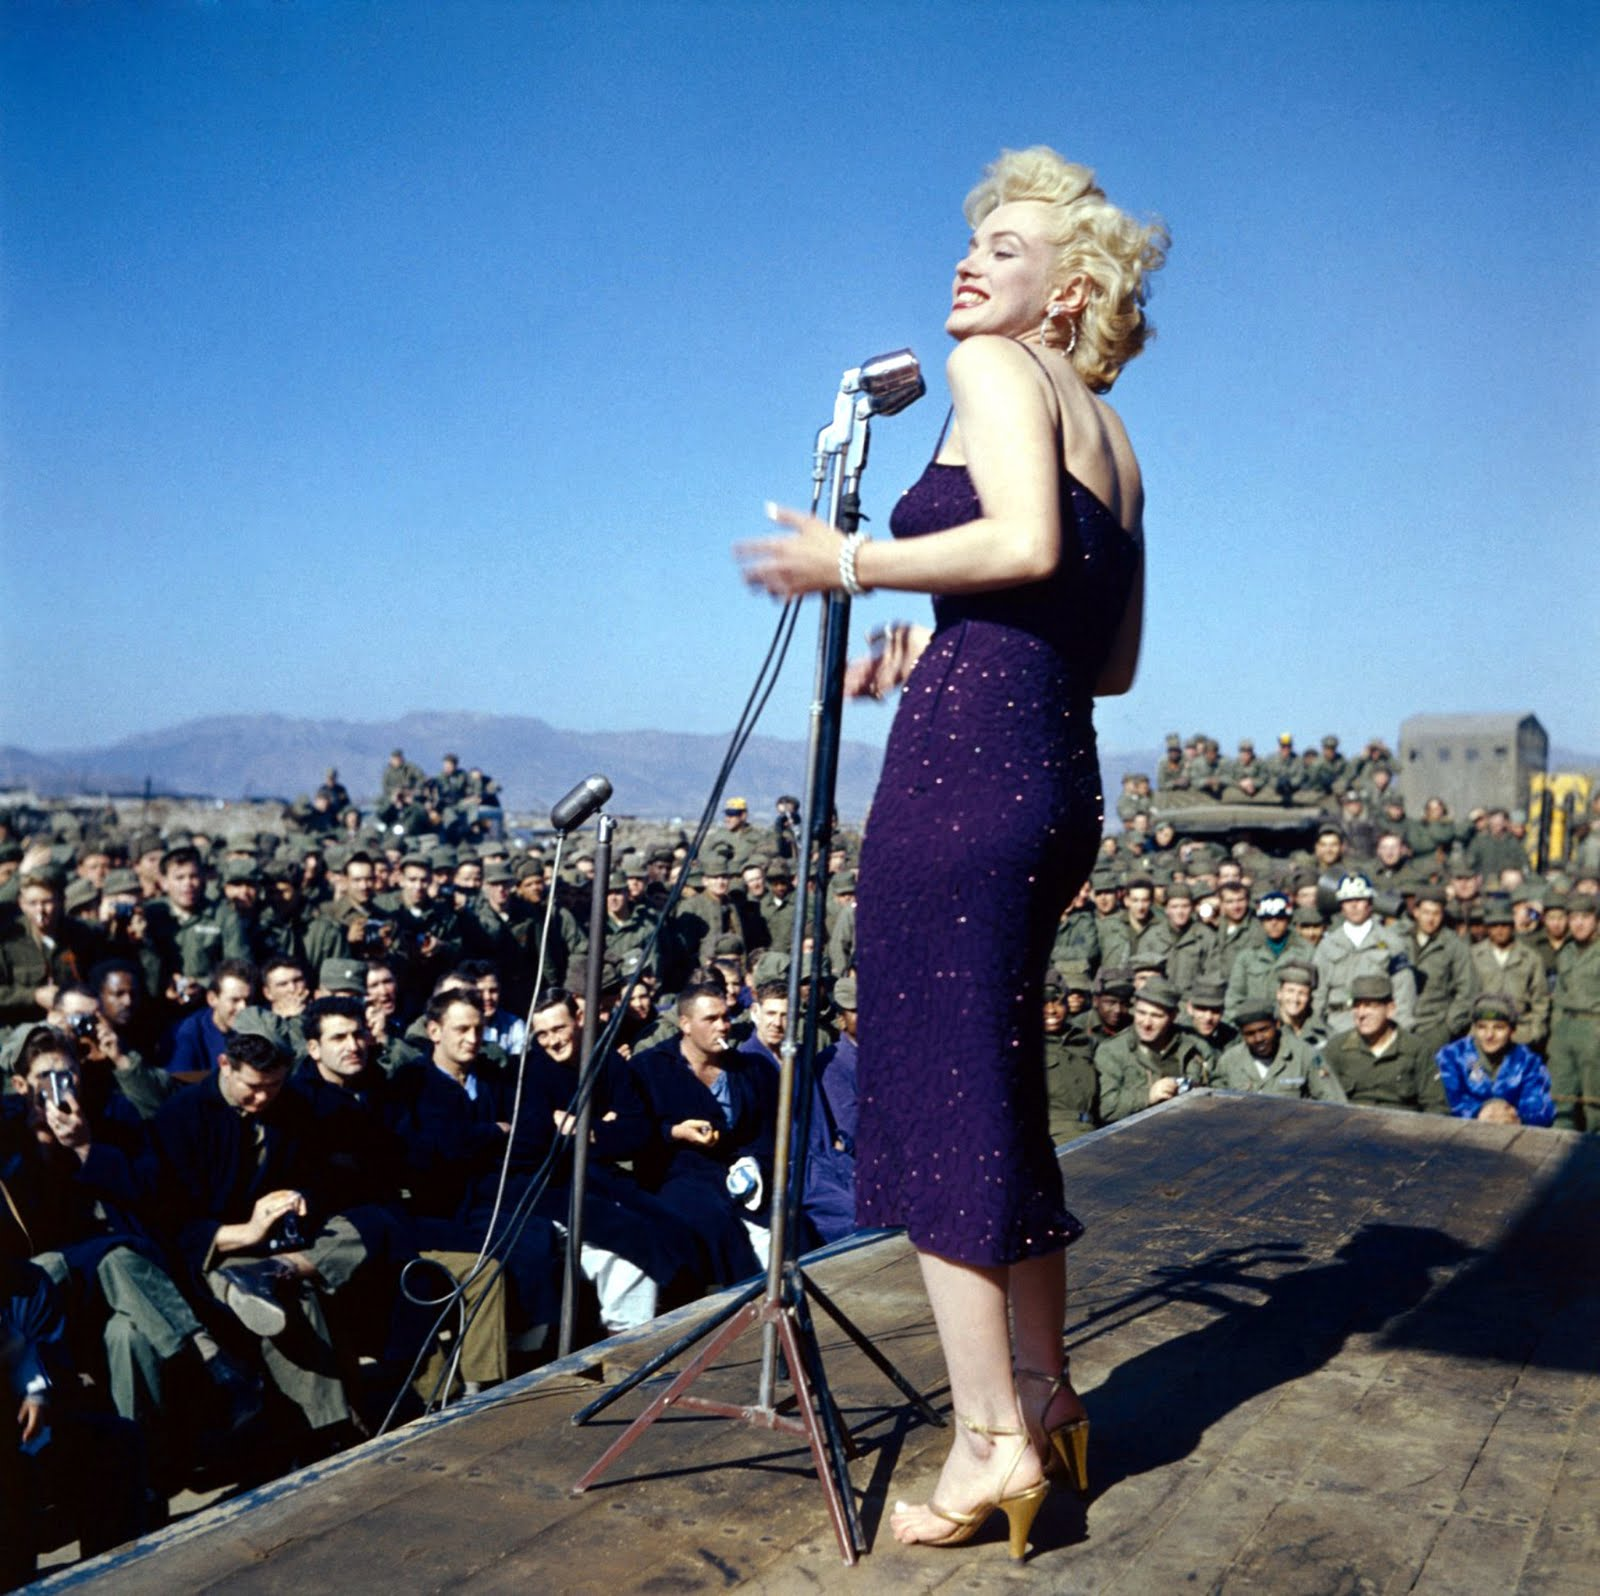 http://1.bp.blogspot.com/_KDBb8Cf_vM0/SwvR0hkdMtI/AAAAAAAAABw/7coPa8dIXbE/s1600/Marilyn+Monroe+07.jpg